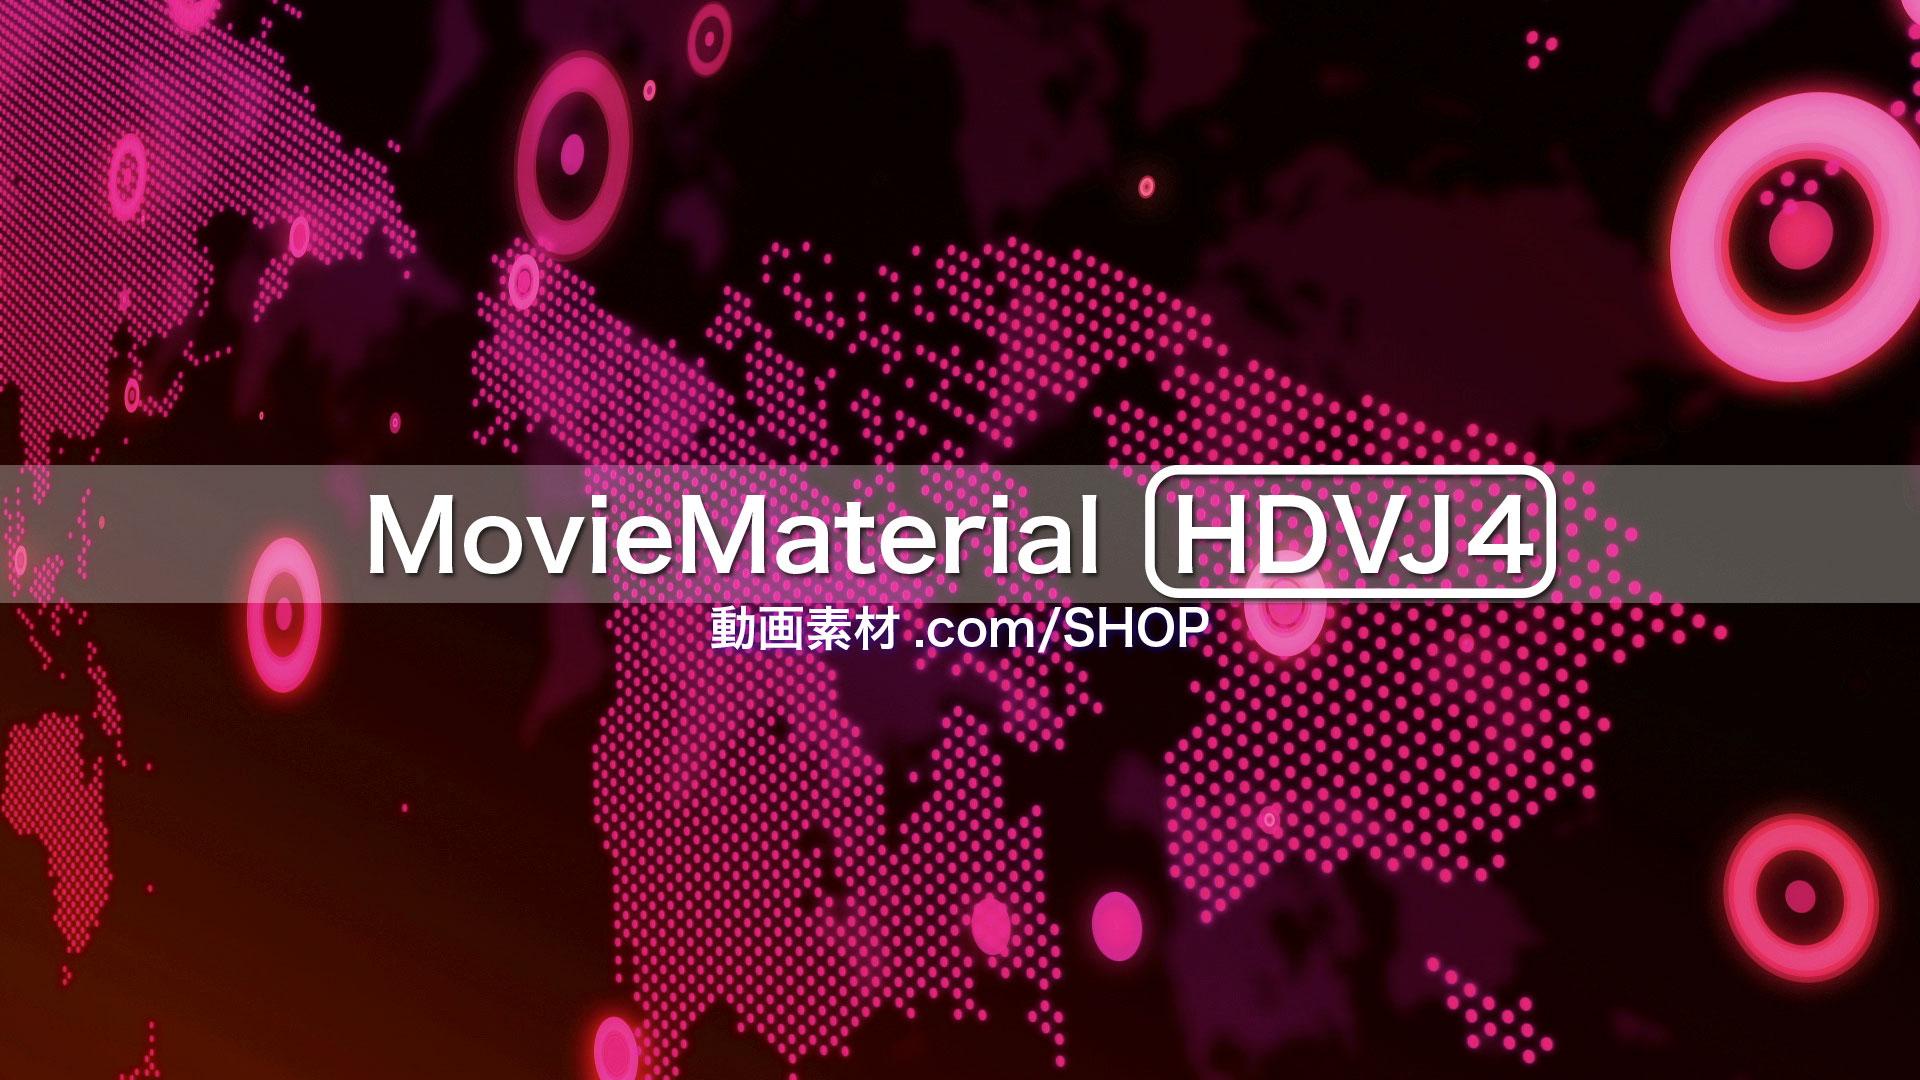 フルハイビジョン動画素材集第4段【MovieMaterial HDVJ4】ロイヤリティフリー(著作権使用料無料)7